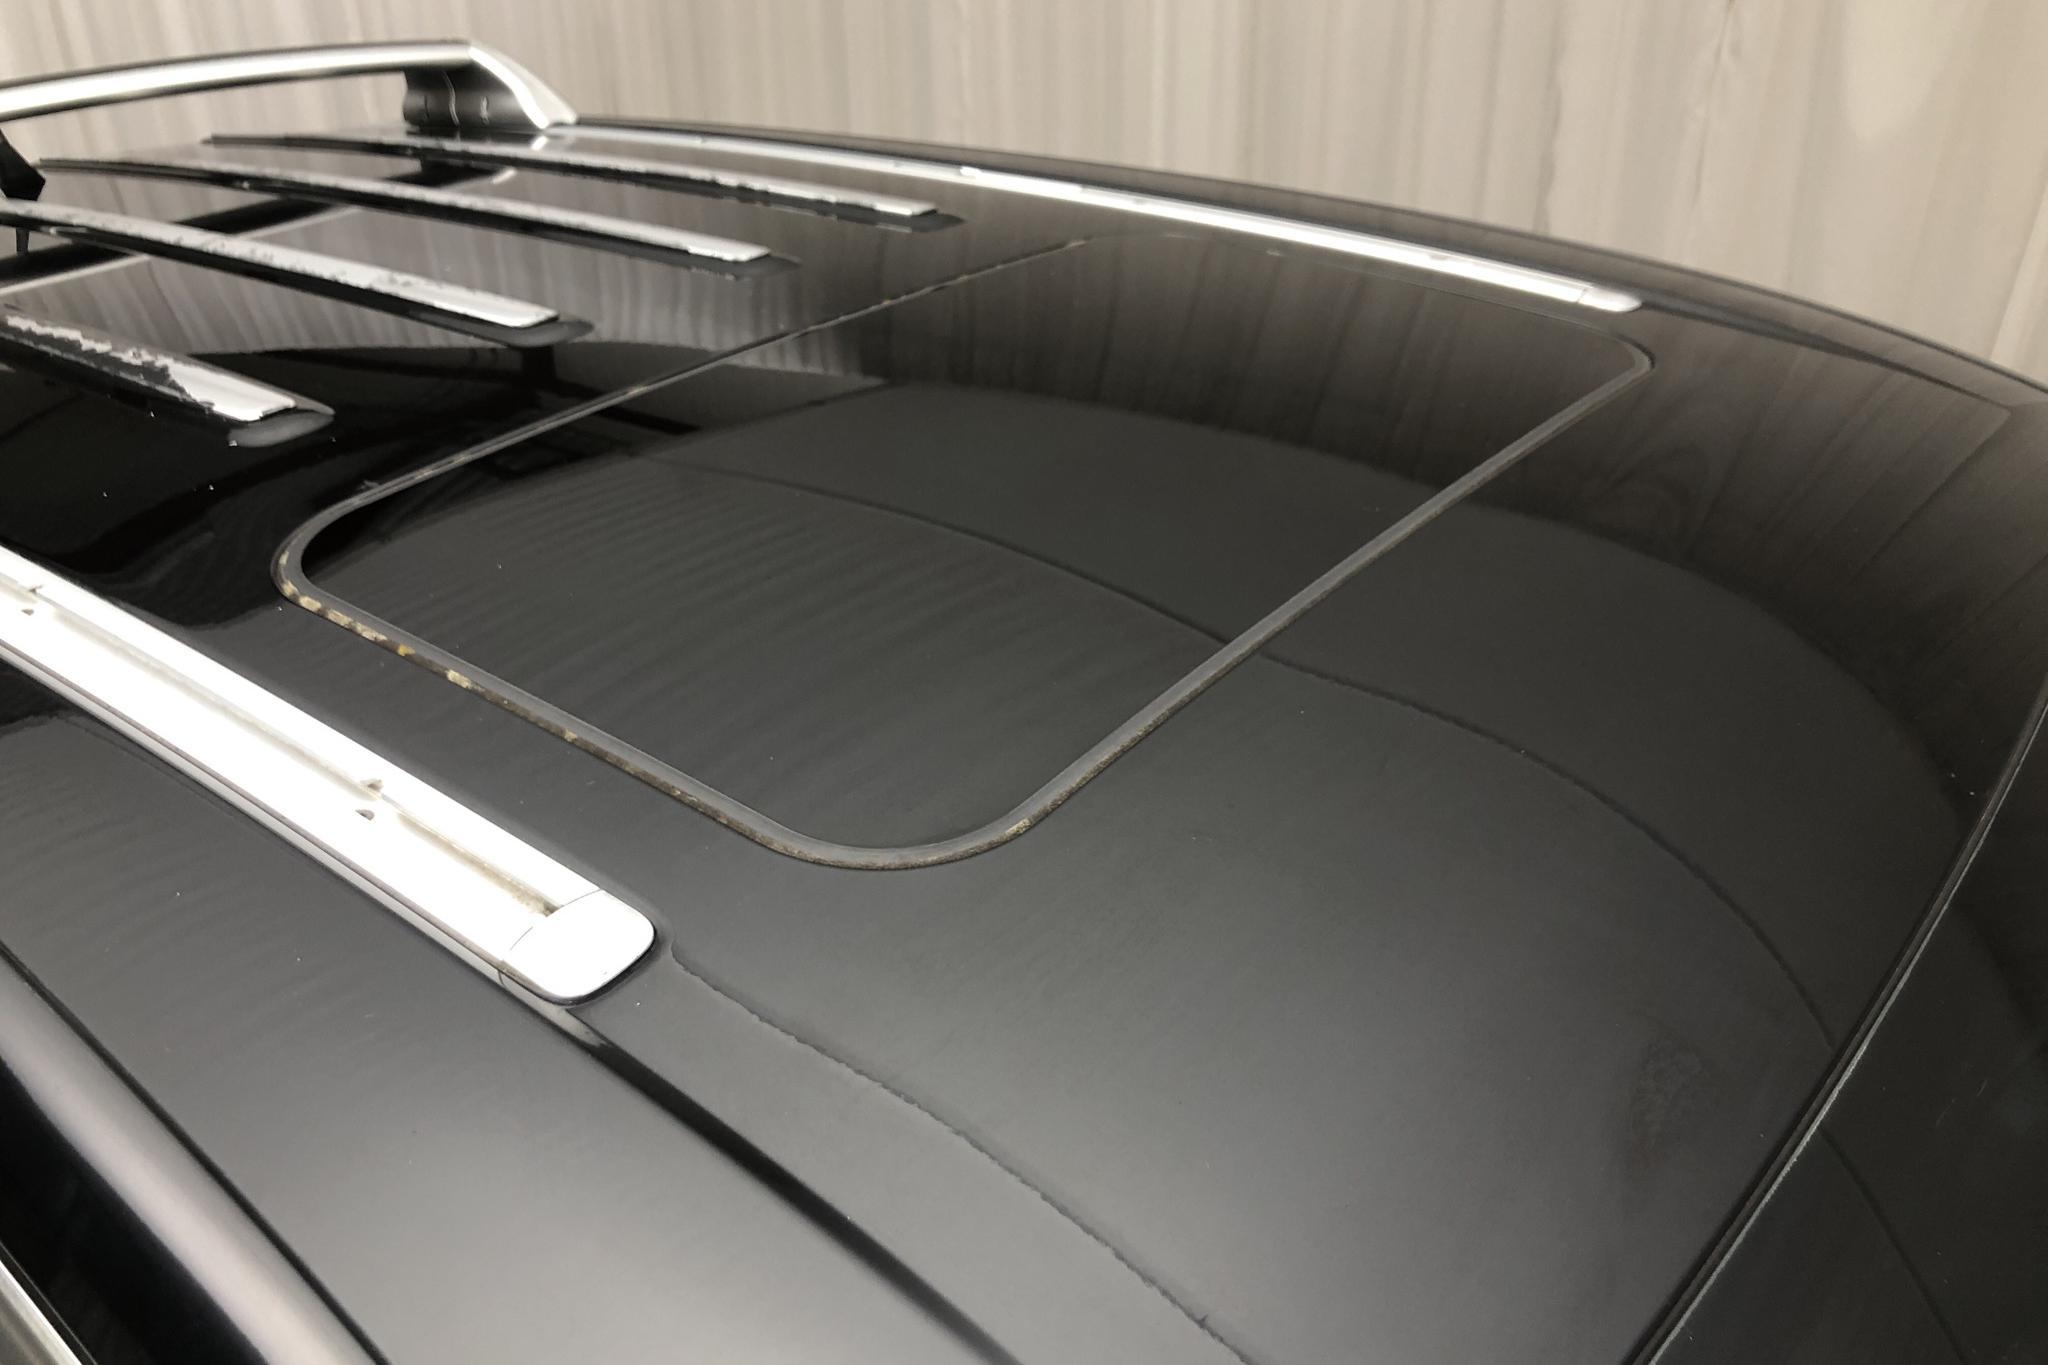 VW Touareg 4.2 V8 (310hk) - 166 220 km - Automatic - black - 2006